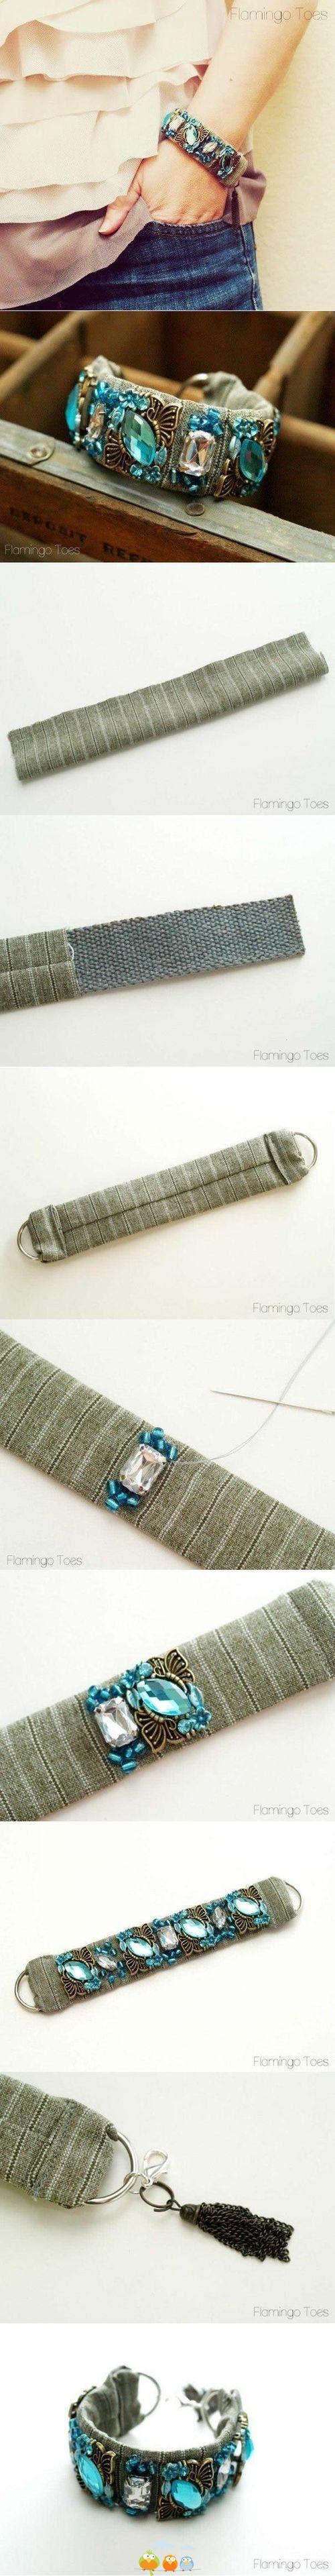 как сделать браслет в стиле бохо шик